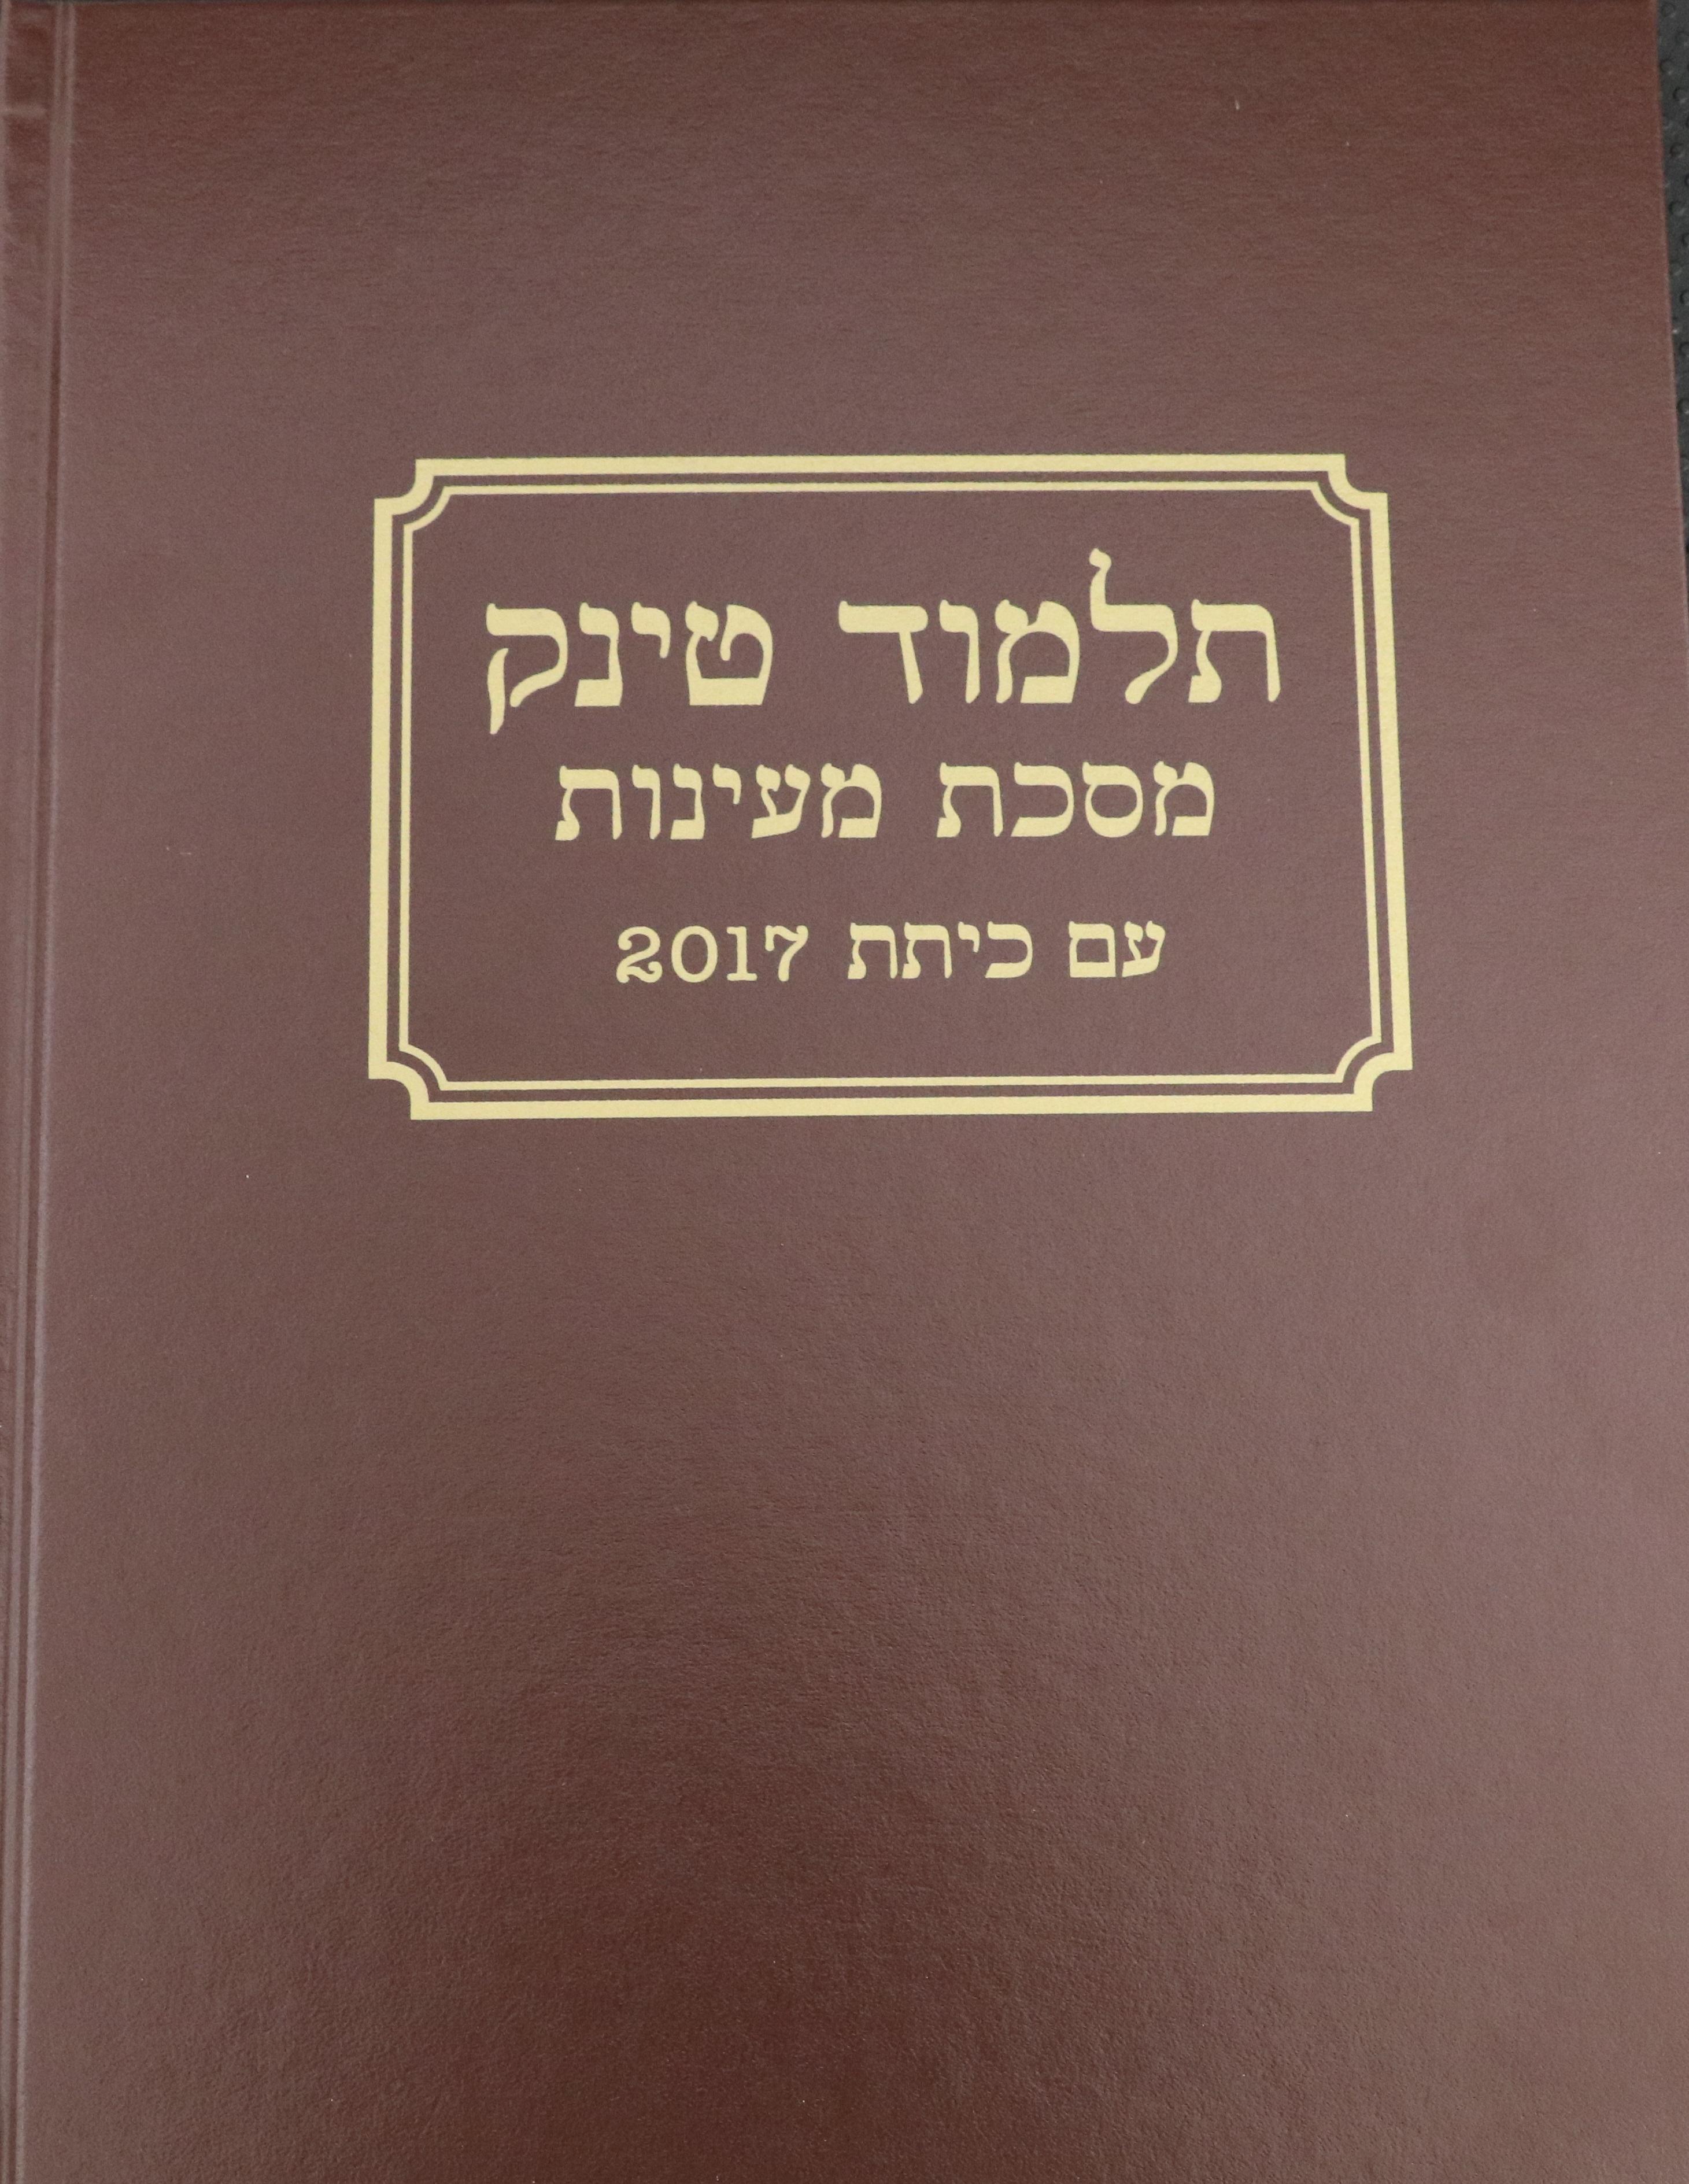 Senior Yearbook at Ma`ayanot Yeshiva High School for Girls